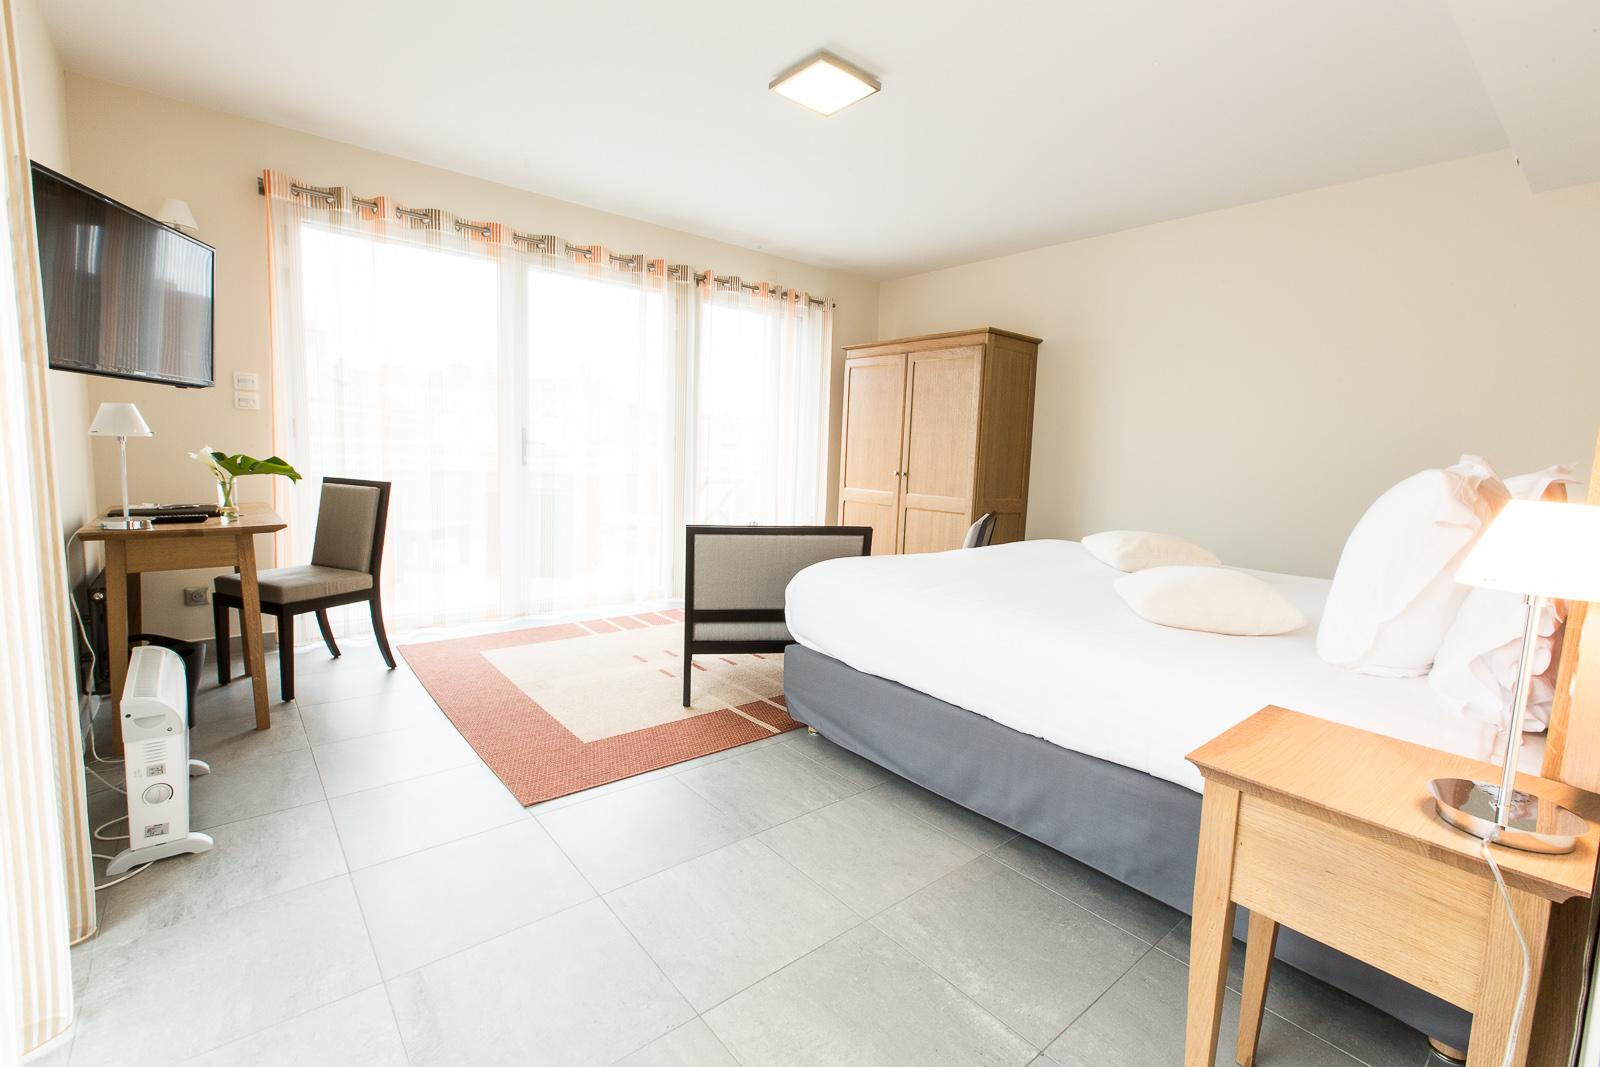 Hôtel Marotte - appartement lit double